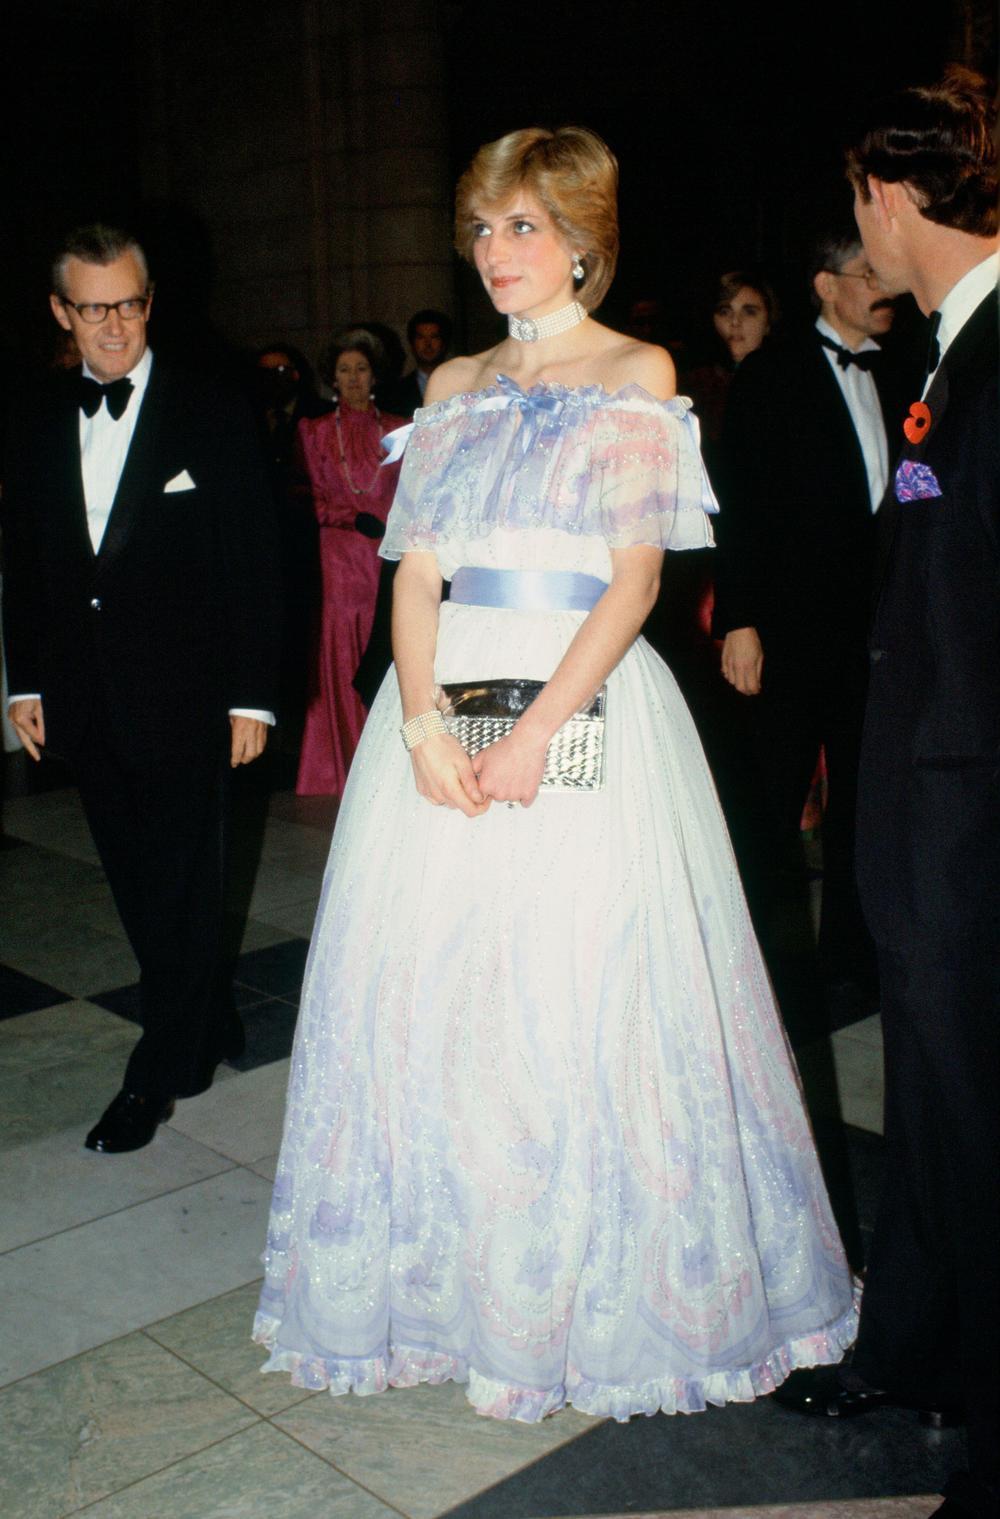 Tại sao phụ nữ hoàng gia luôn cầm theo túi xách? Ảnh 6